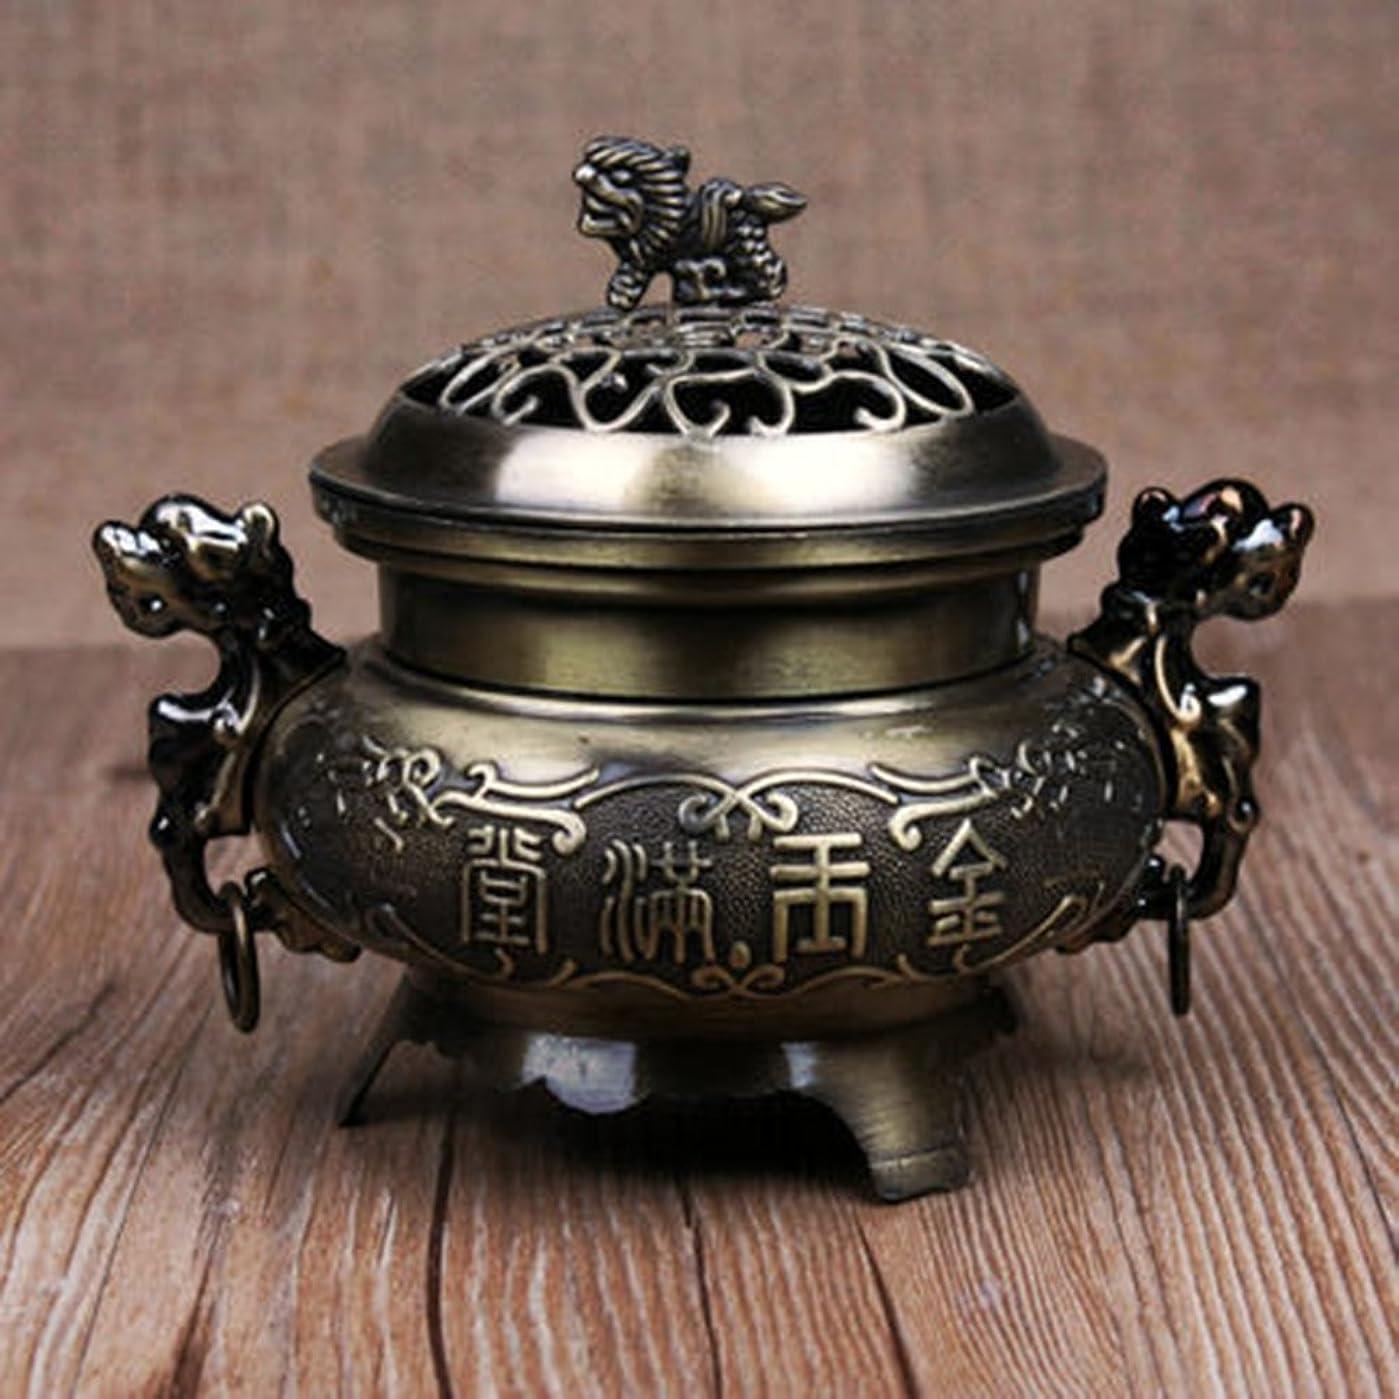 反対したバズ縁石Liebeye レトロスタイルの合金香炉 バーナーダブルドラゴン 中空カバー香炉 ホームデコレーション 青銅色